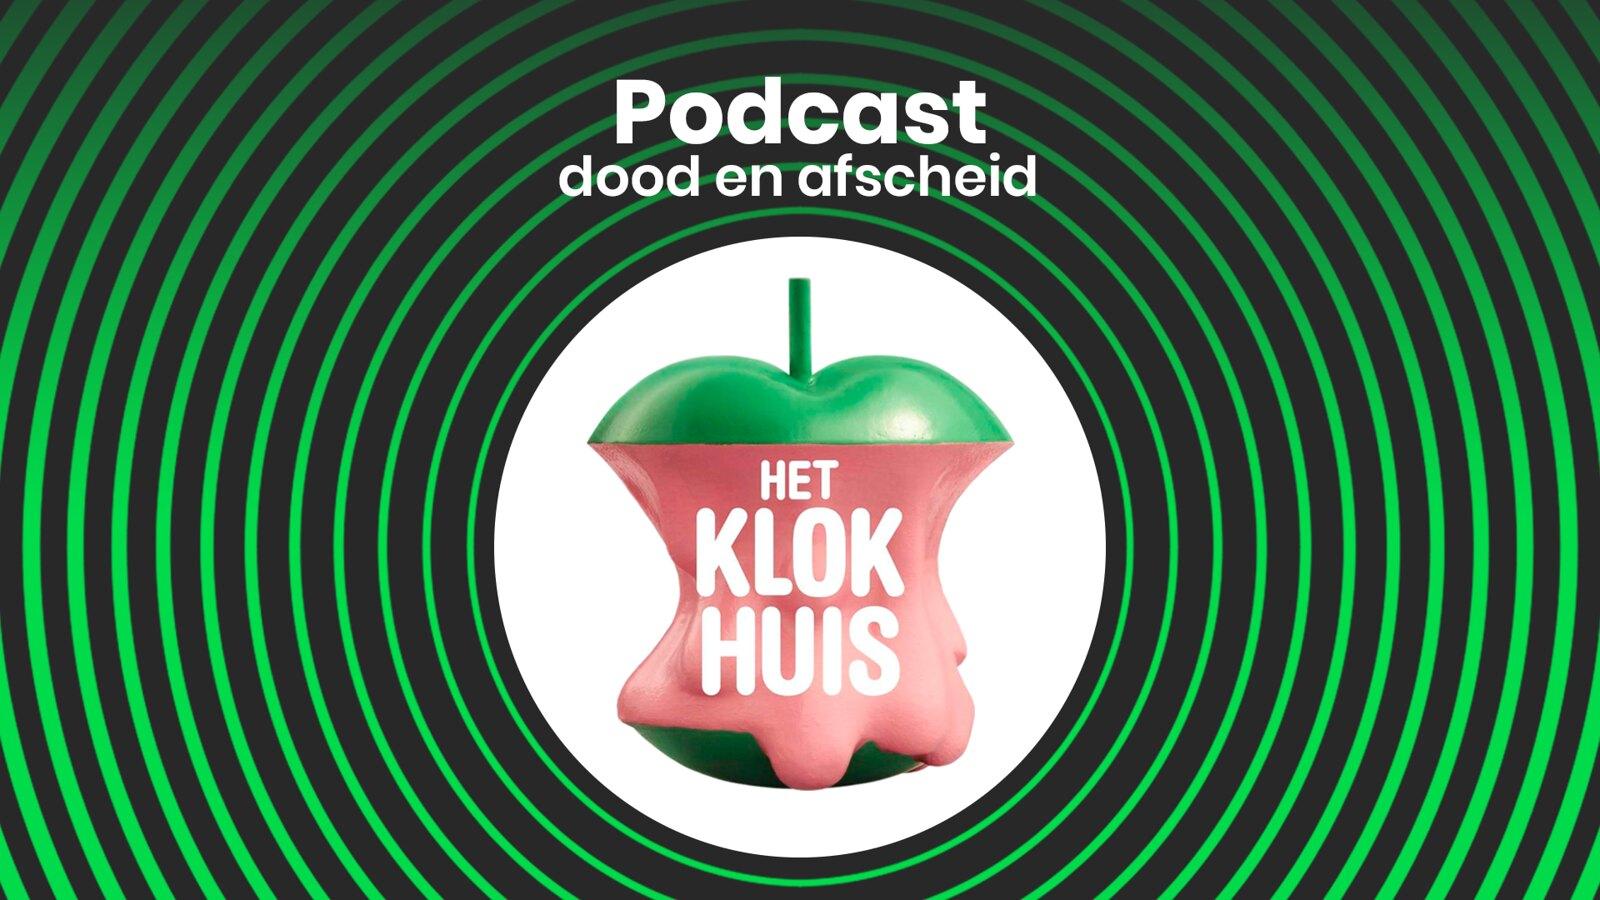 HetKlokhuis_doodenafscheid_spotify_Podcast_16-9